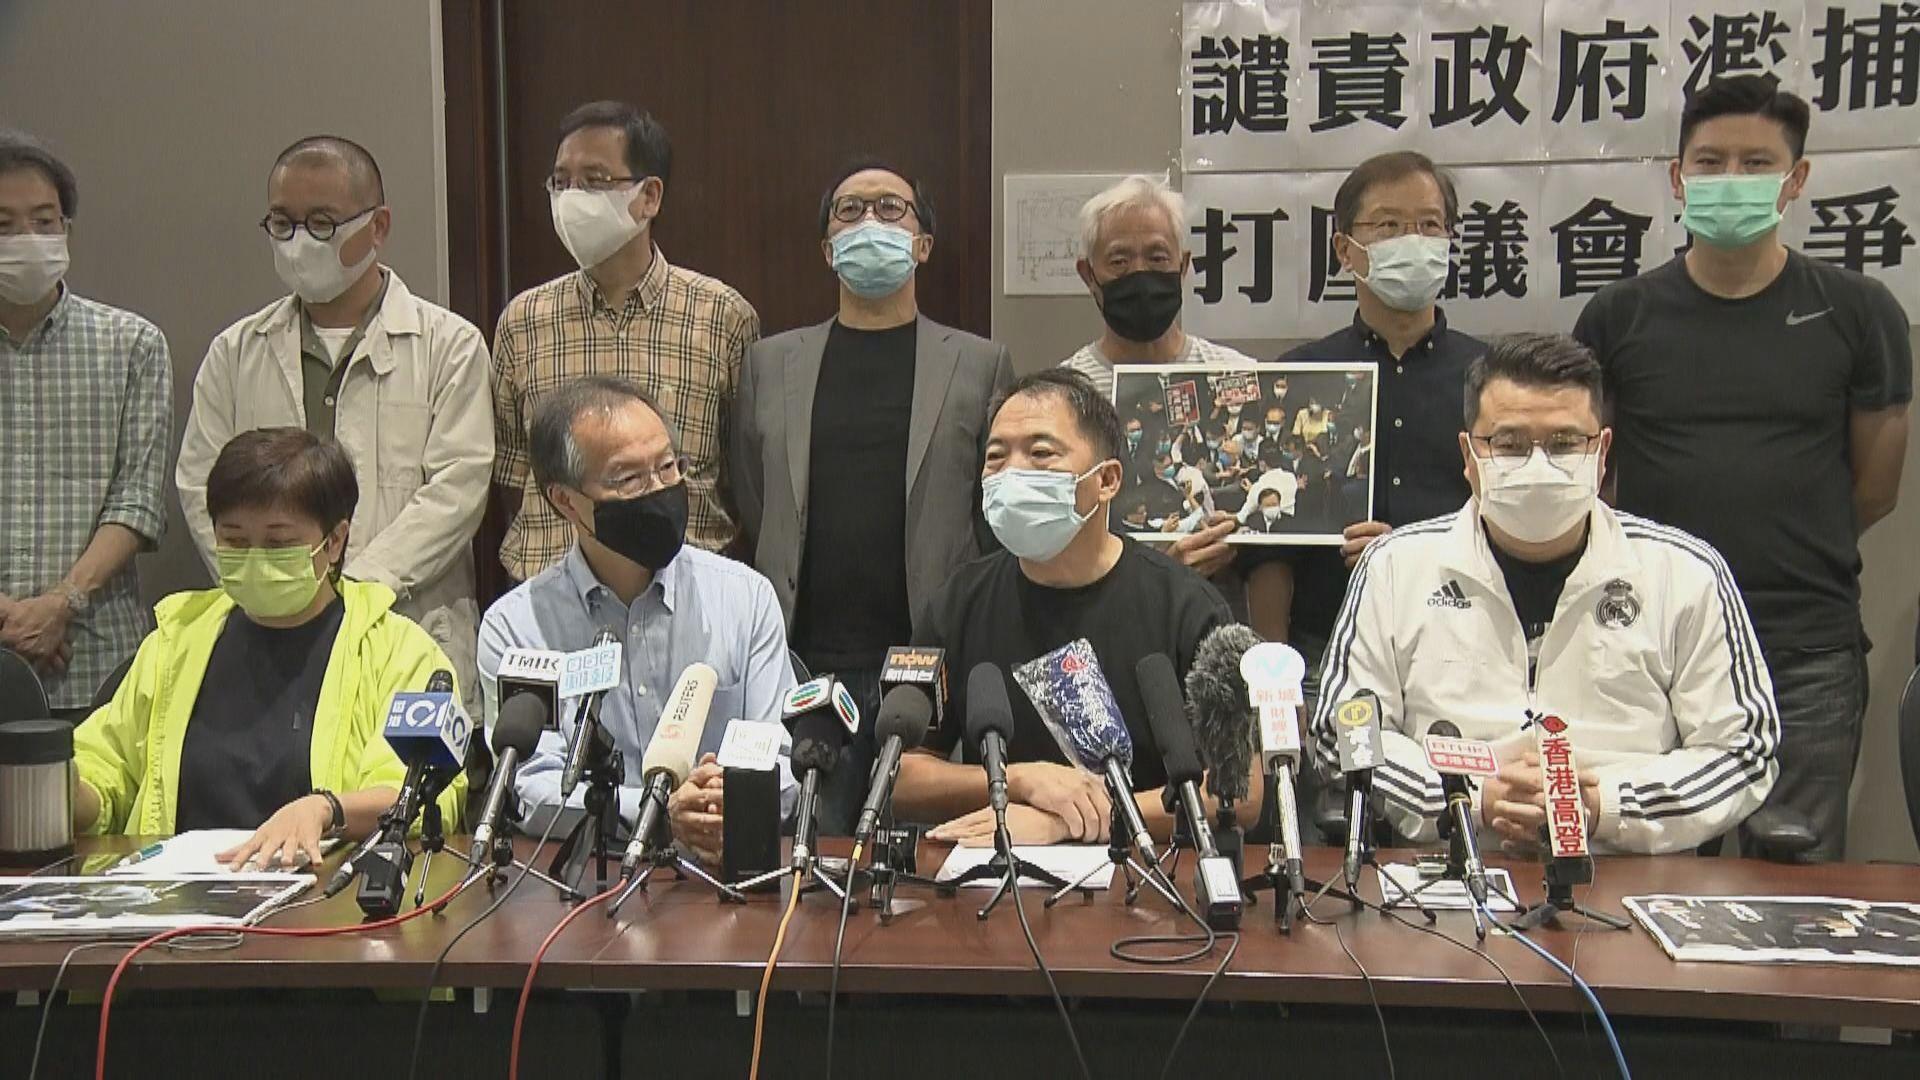 民主派發聲明 批政府以莫須有罪名政治檢控